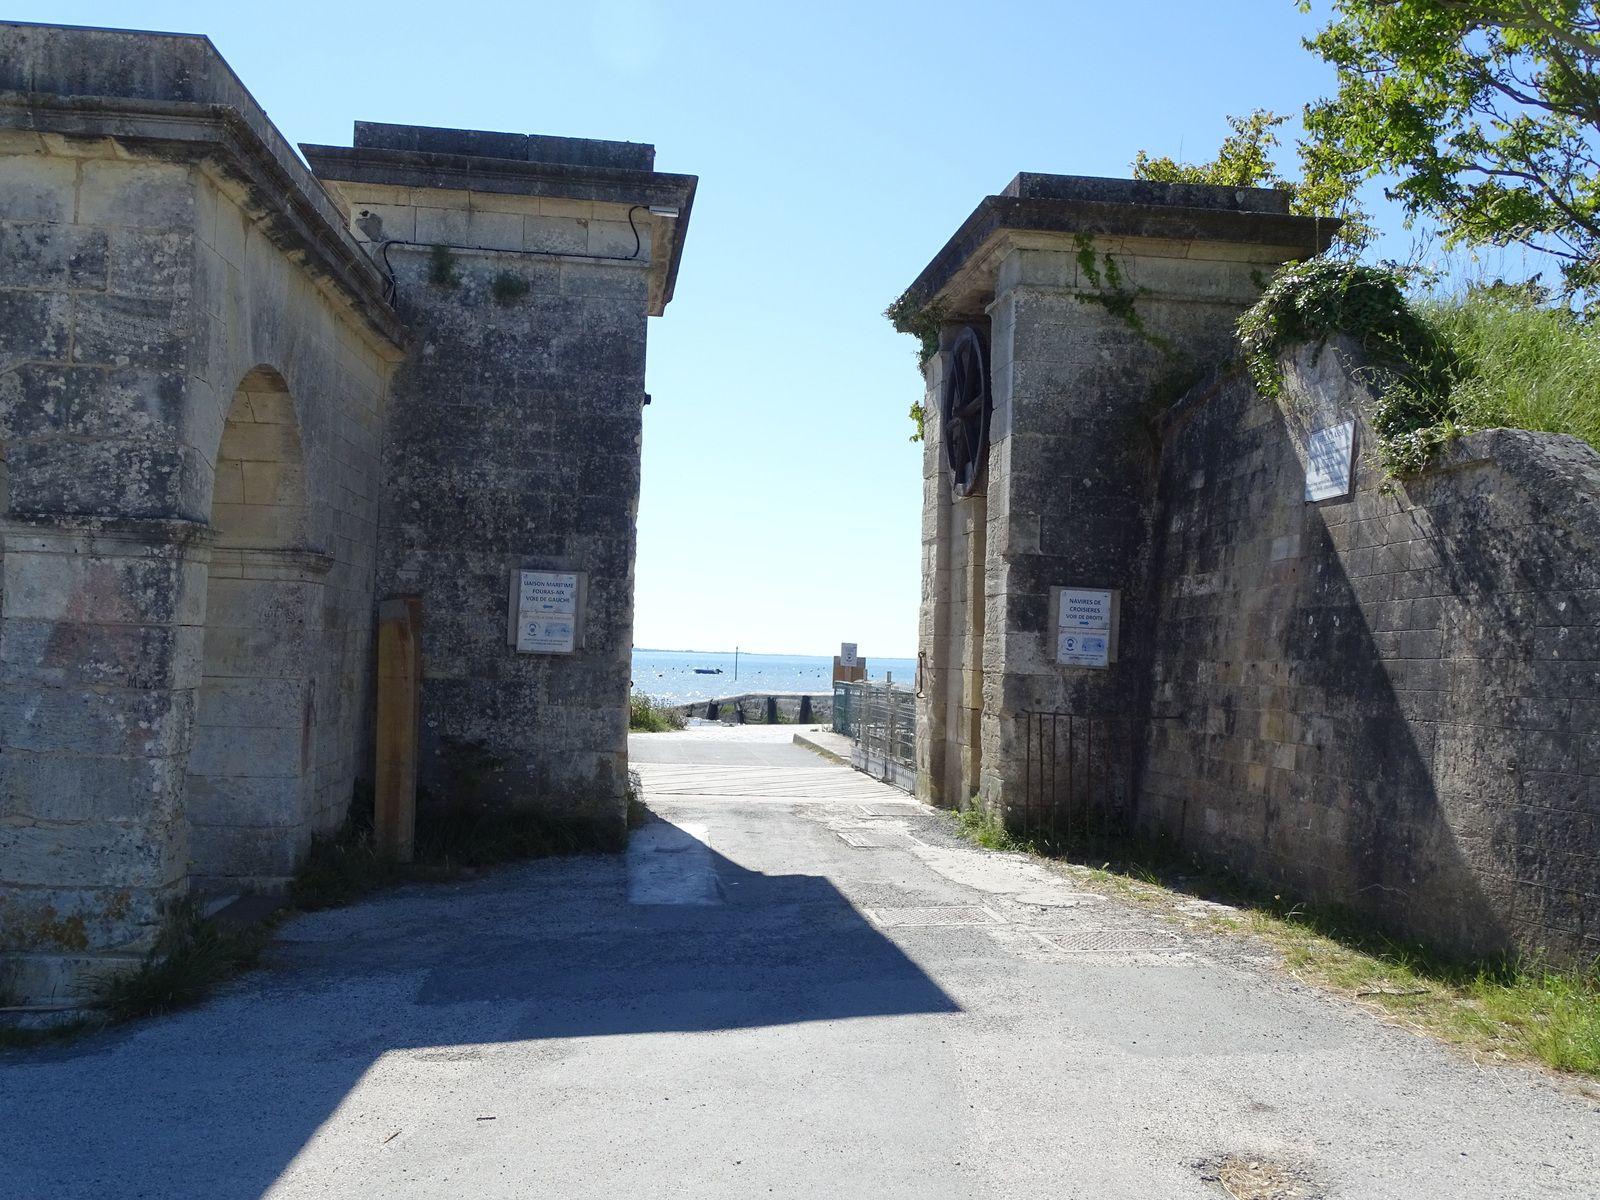 Balade d'un jour sur l'Ile d'Aix en 2021